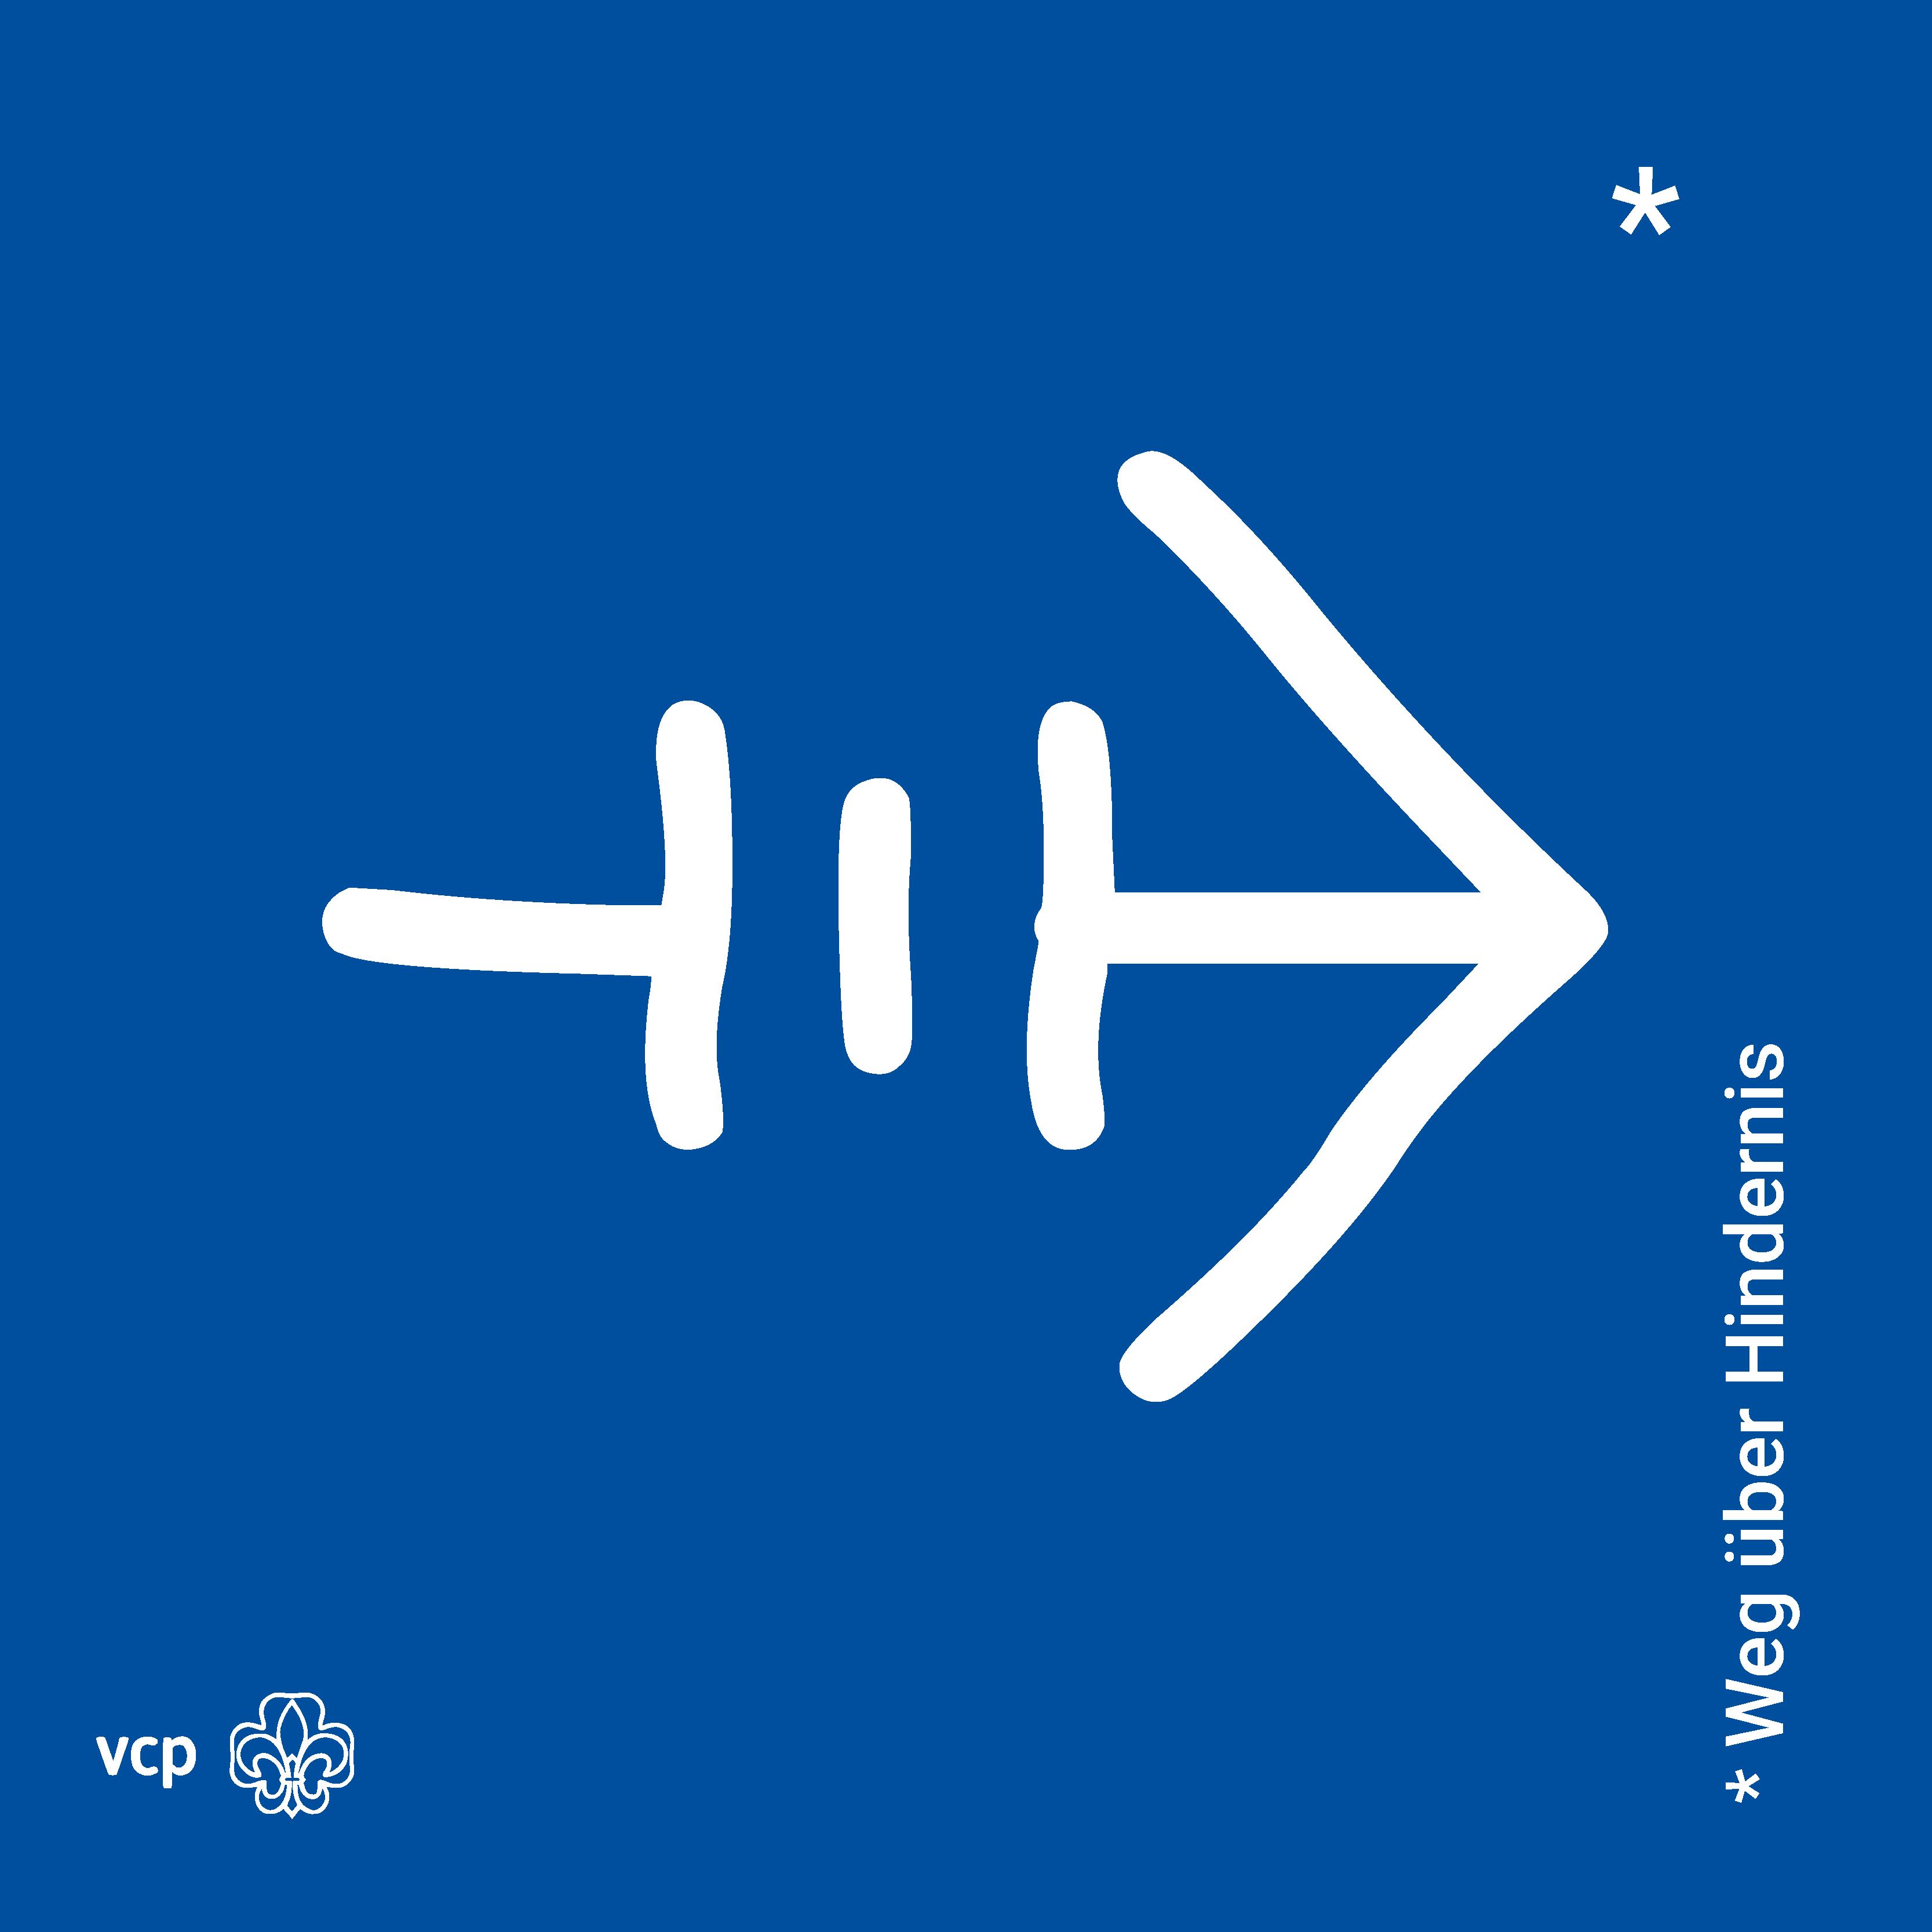 Weg über Hindernis - VCP-Waldläuferzeichen